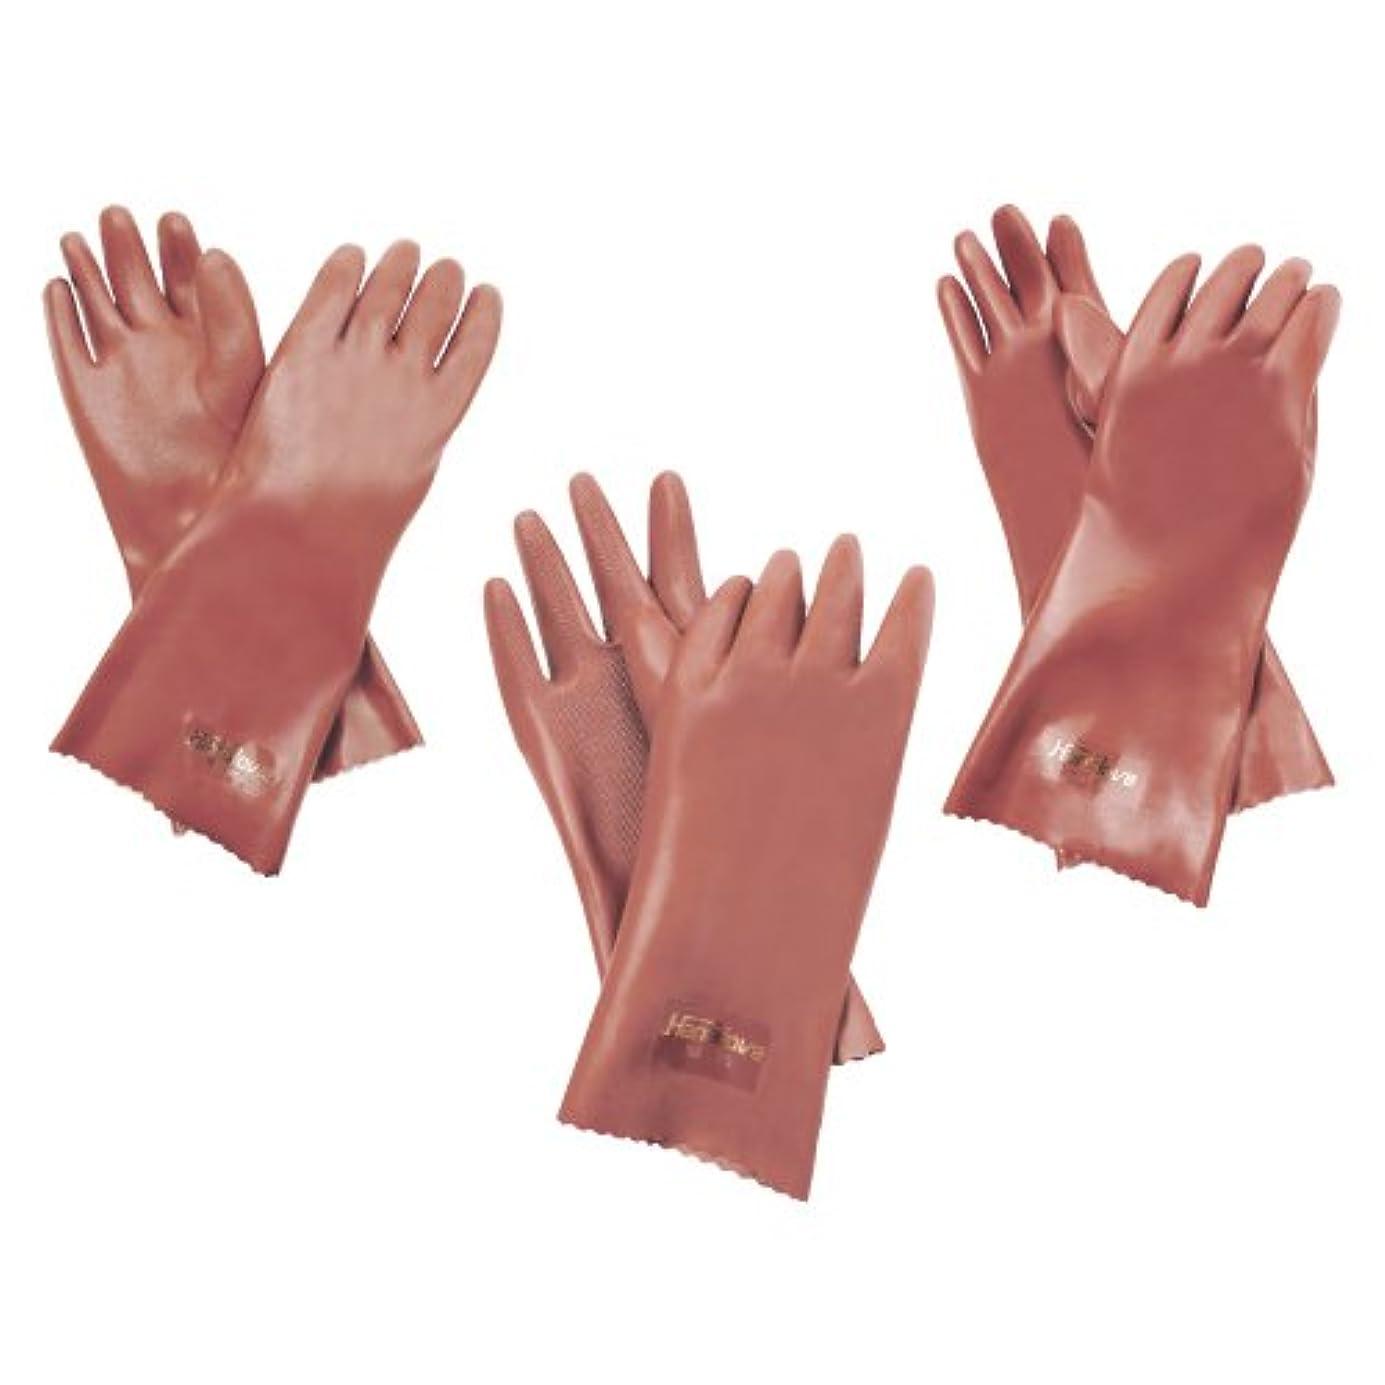 リンケージ汚れる処方耐油手袋 ハナローブ NO.176??????????????(23-2947-03)